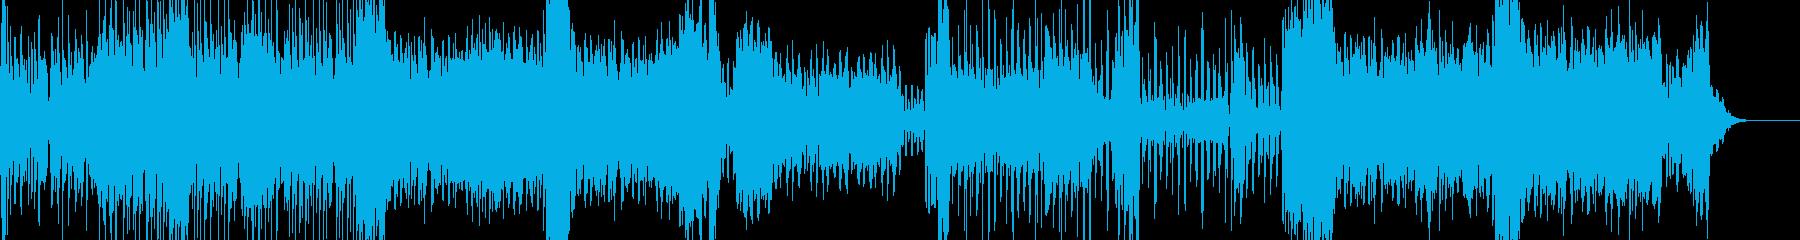 和風 超アゲアゲな歌舞伎EDM の再生済みの波形